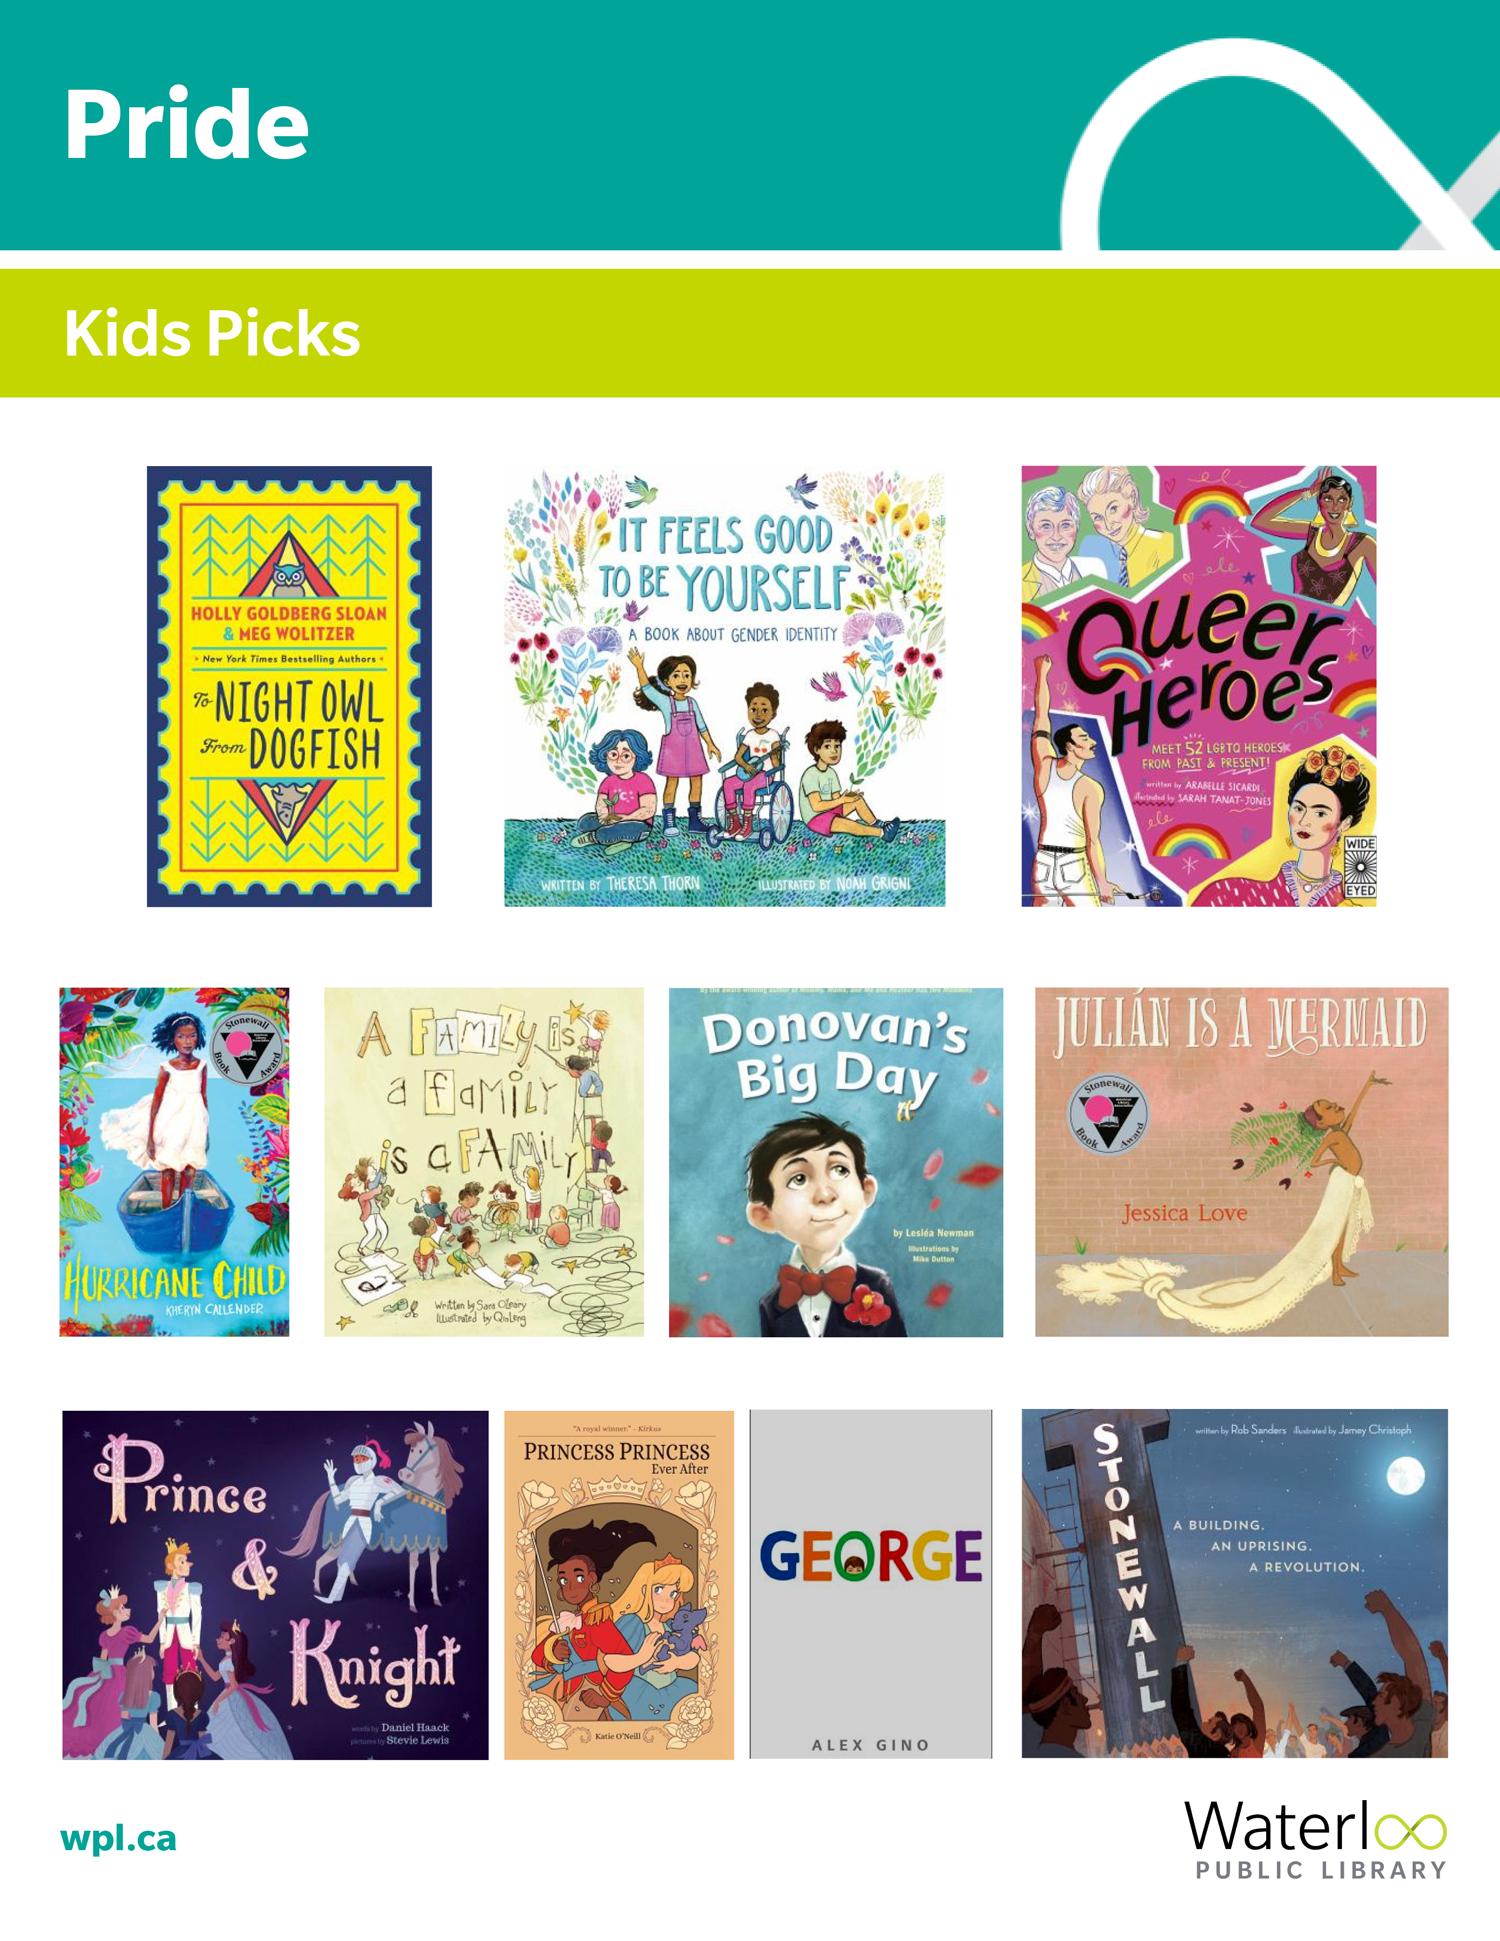 Pride 2019 - Books for Kids